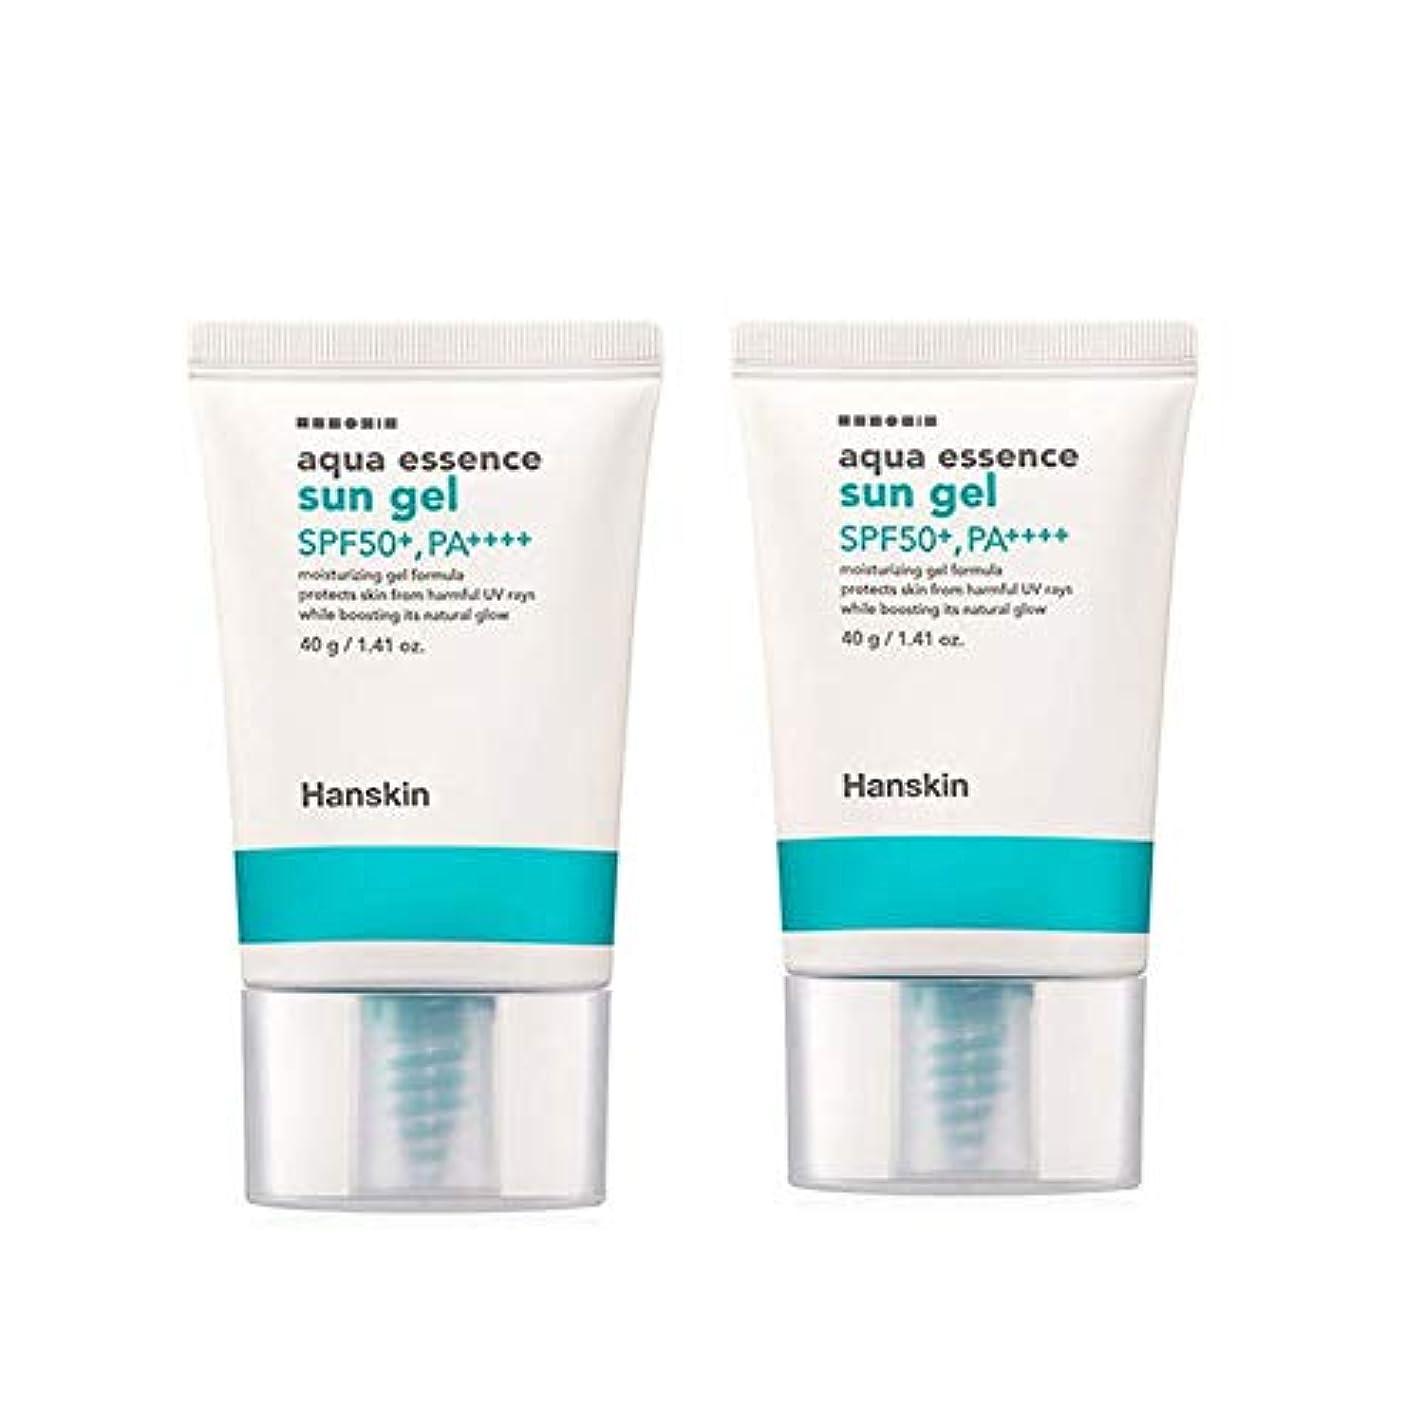 悪質な半導体鋸歯状ハンスキンアクアエッセンスサンゼル40gx2本セットサンクリーム韓国コスメ、Hanskin Aqua Essence Sun Gel 40g x 2ea Set Sun Cream Korean Cosmetics [並行輸入品]